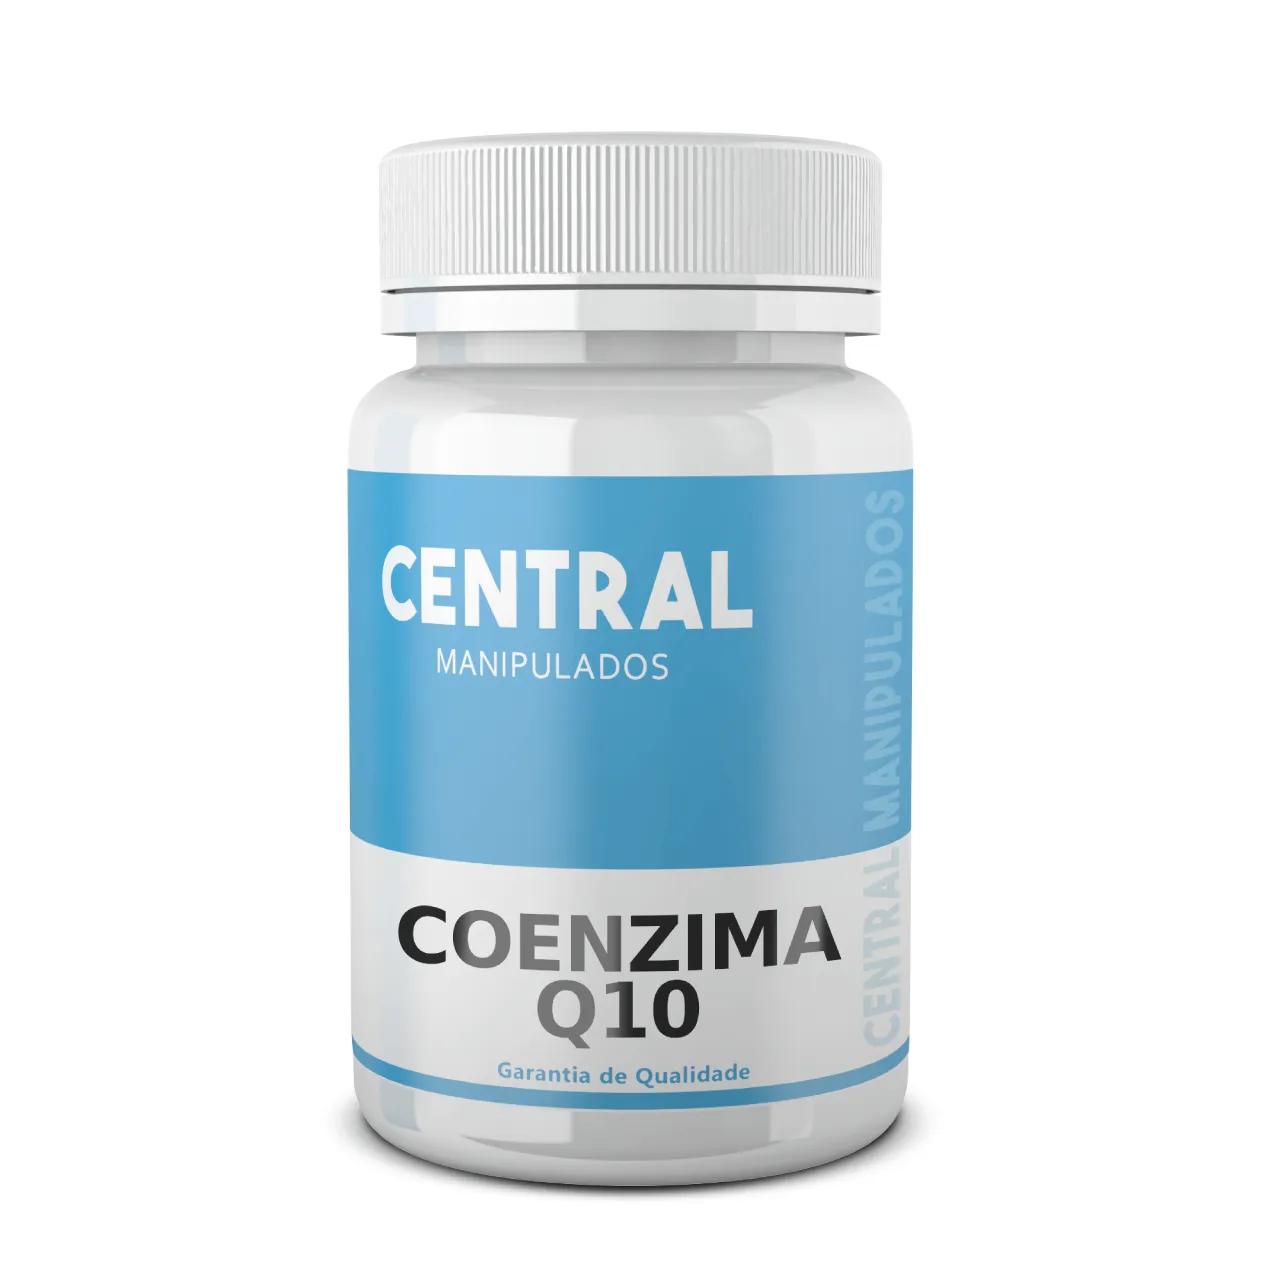 Coenzima Q10 - Ubiquinona - 100mg - 30 cápsulas - Antioxidante